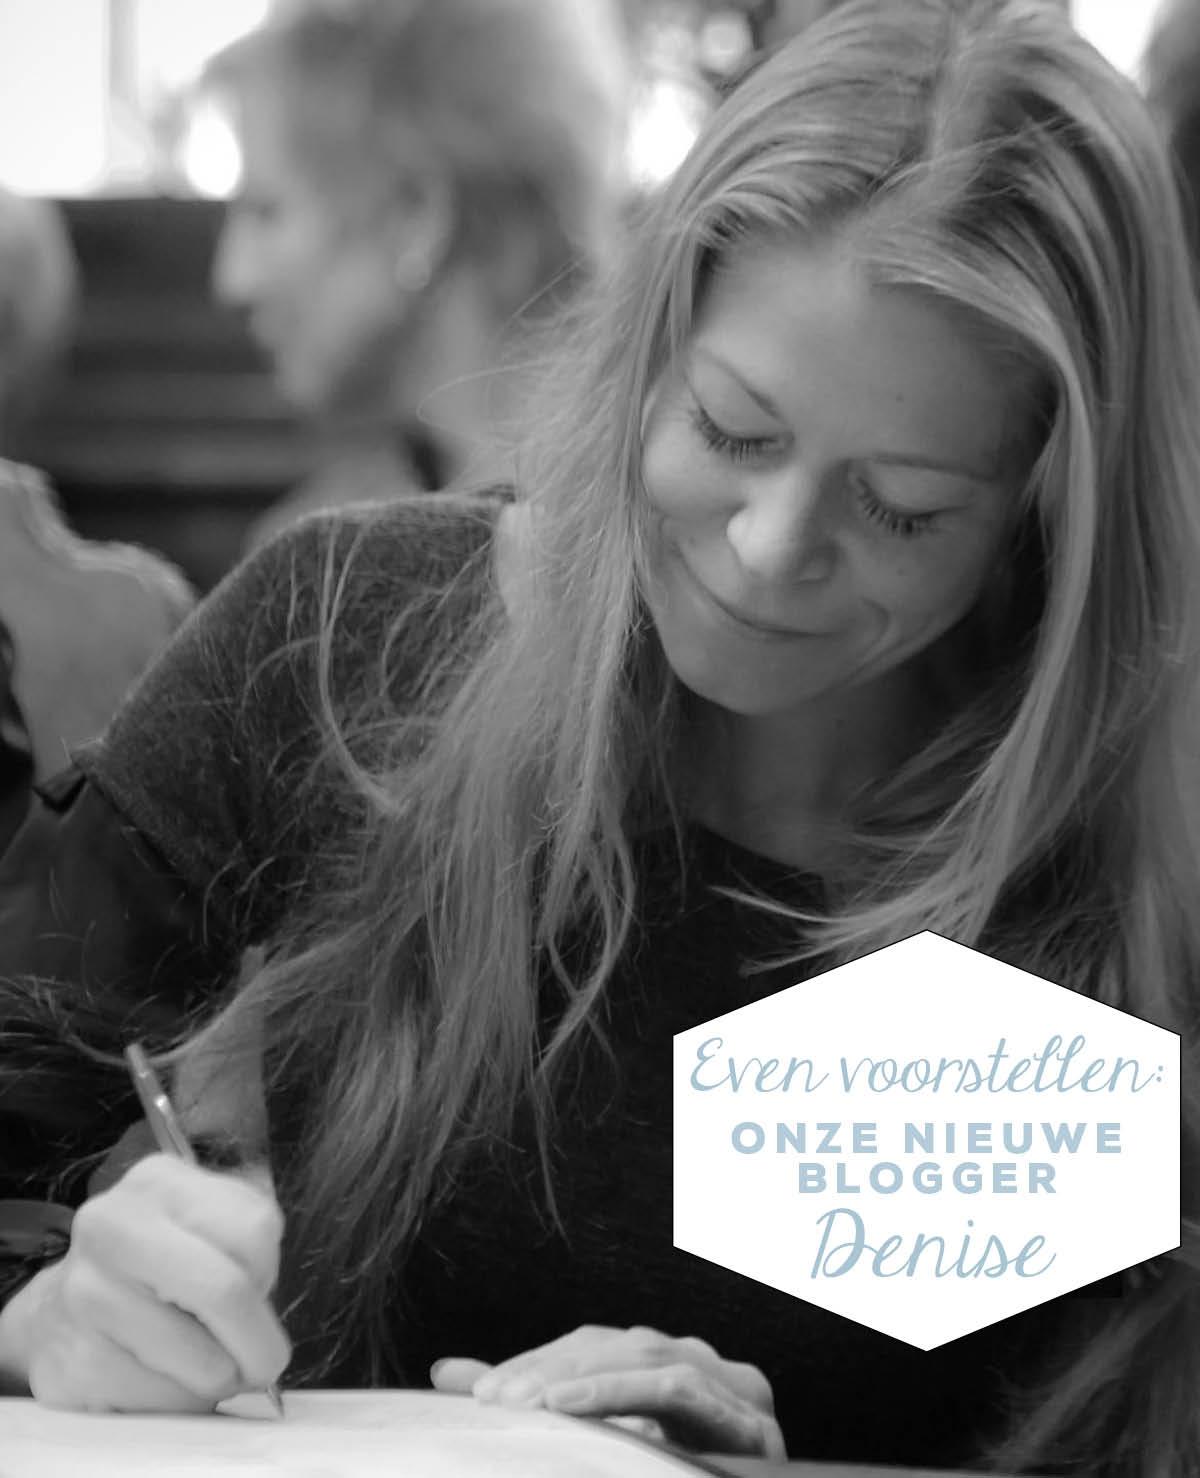 Even voorstellen: onze nieuwe blogger Denise Miltenburg